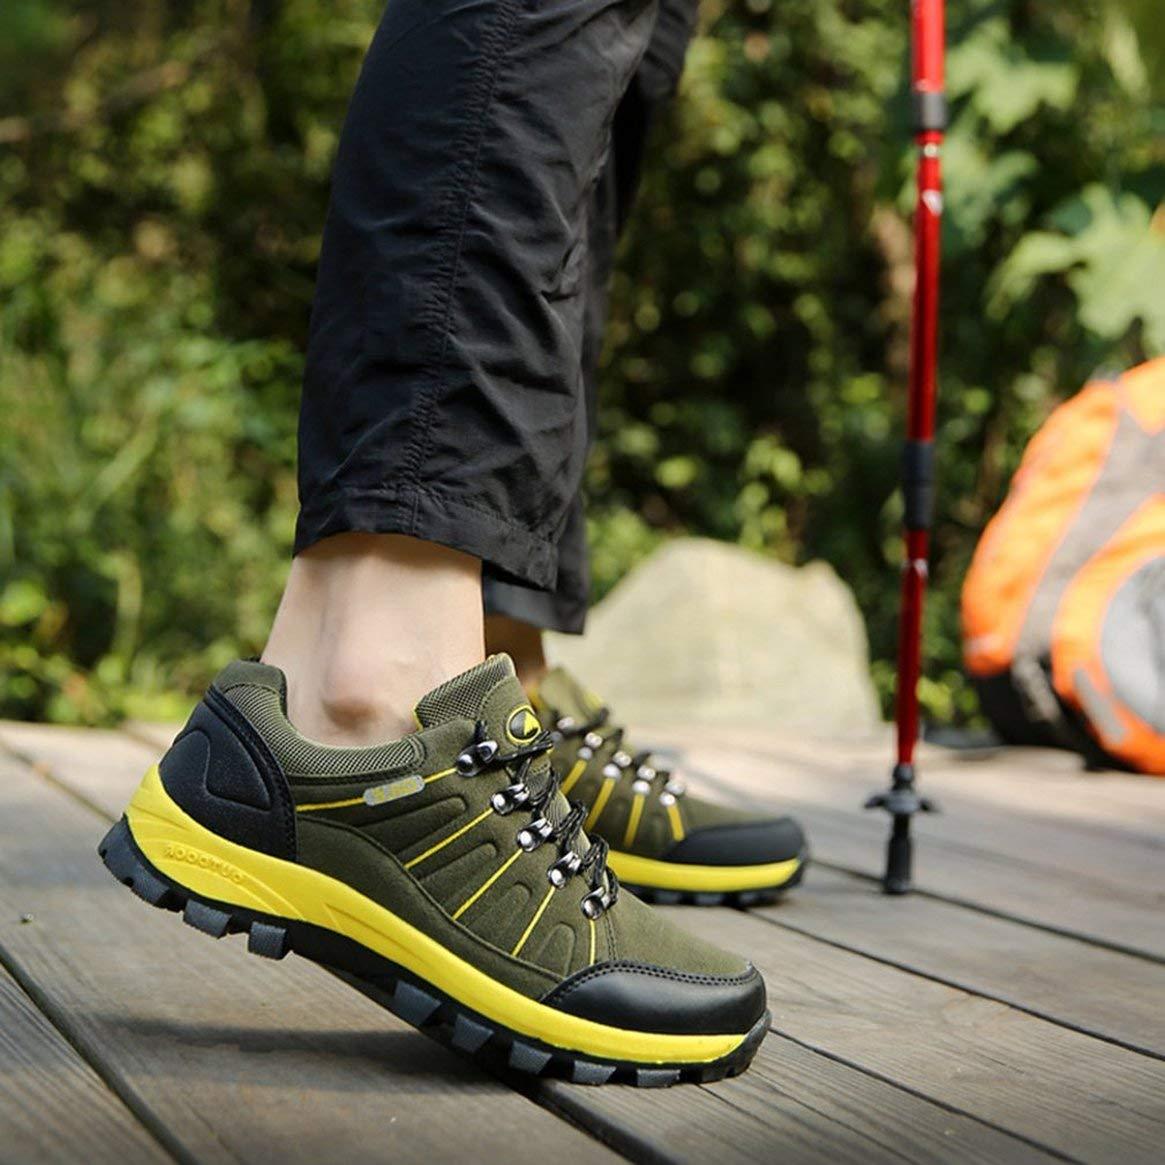 Zapatos de Excursionismo al Aire Libre Botas Cordones de montañismo Impermeables Hombre con Cordones Botas Calzado Deportivo para Escalar Trekking Ropa de Correr Resistente - Verde del ejército 41 6edc8e